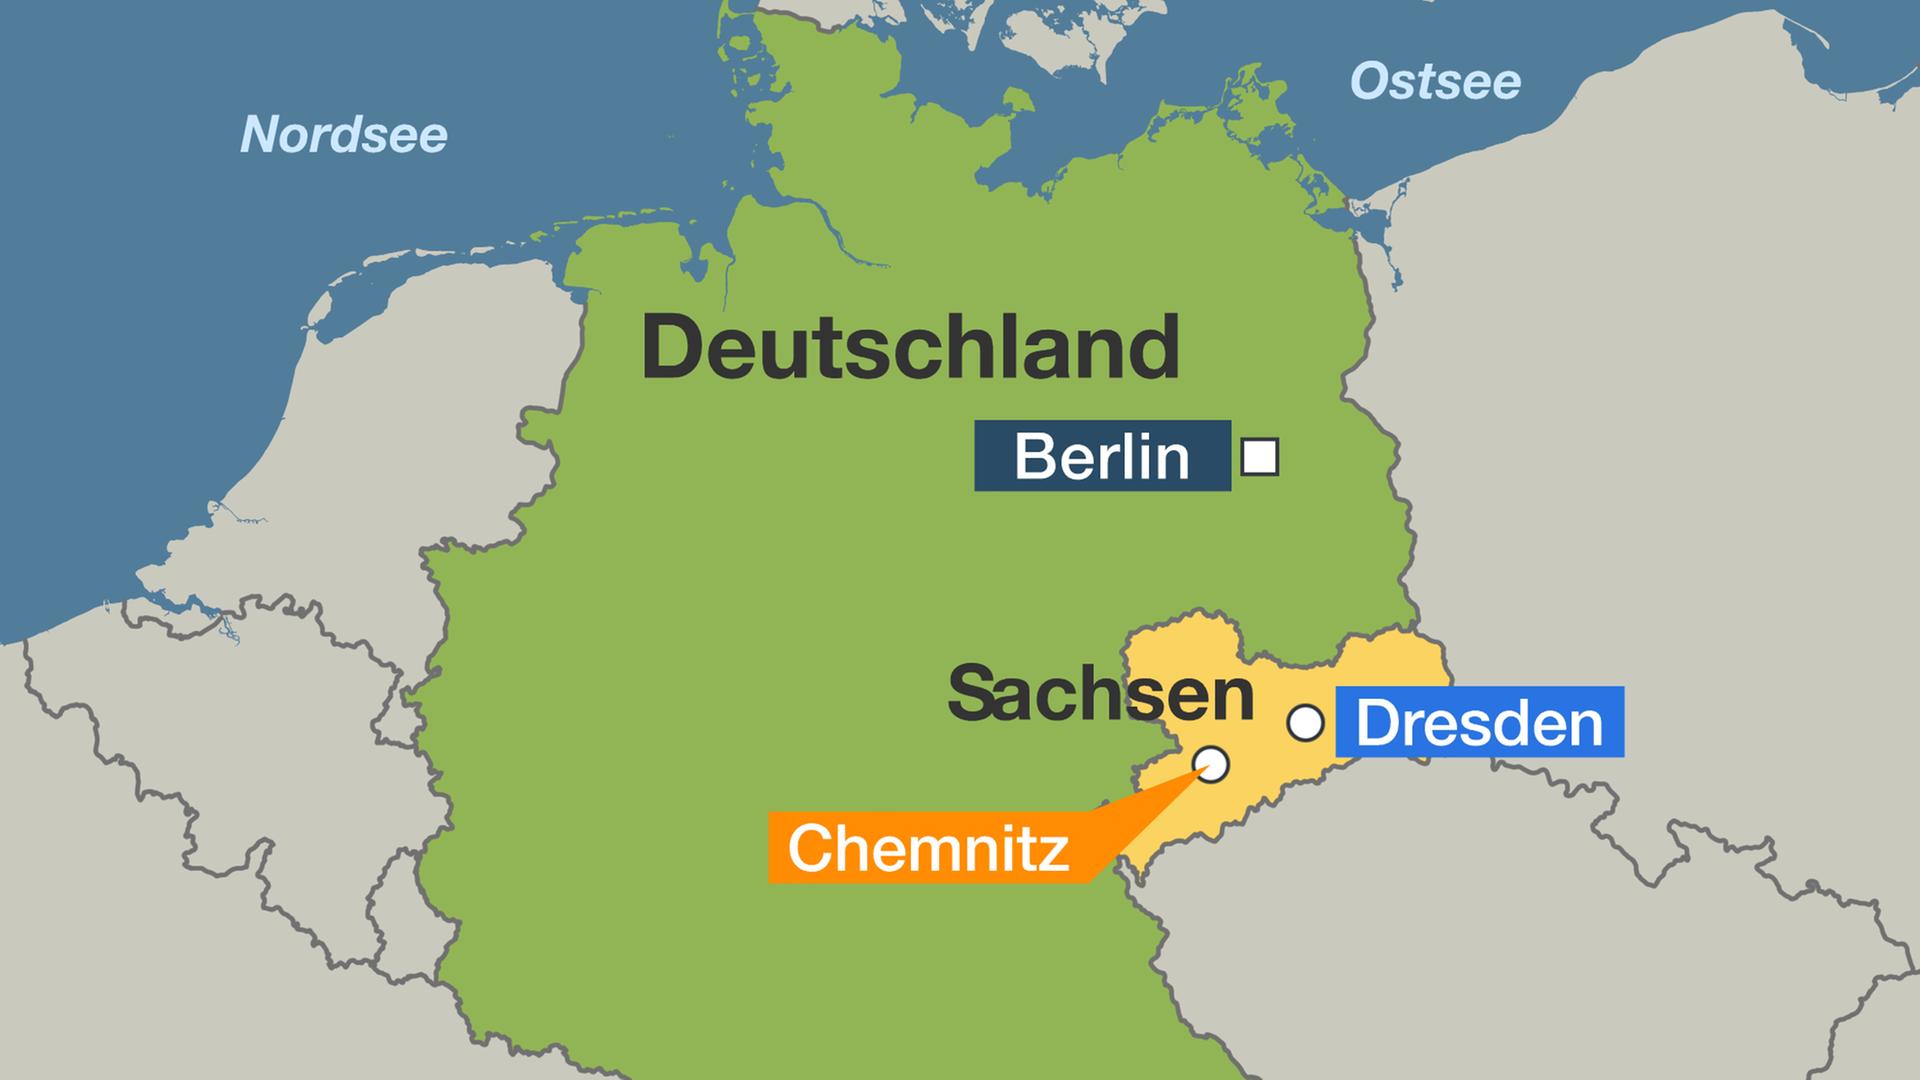 Chemnitz Karte.Chemnitz Stadt Der Vielen Gesichter Zdfmediathek